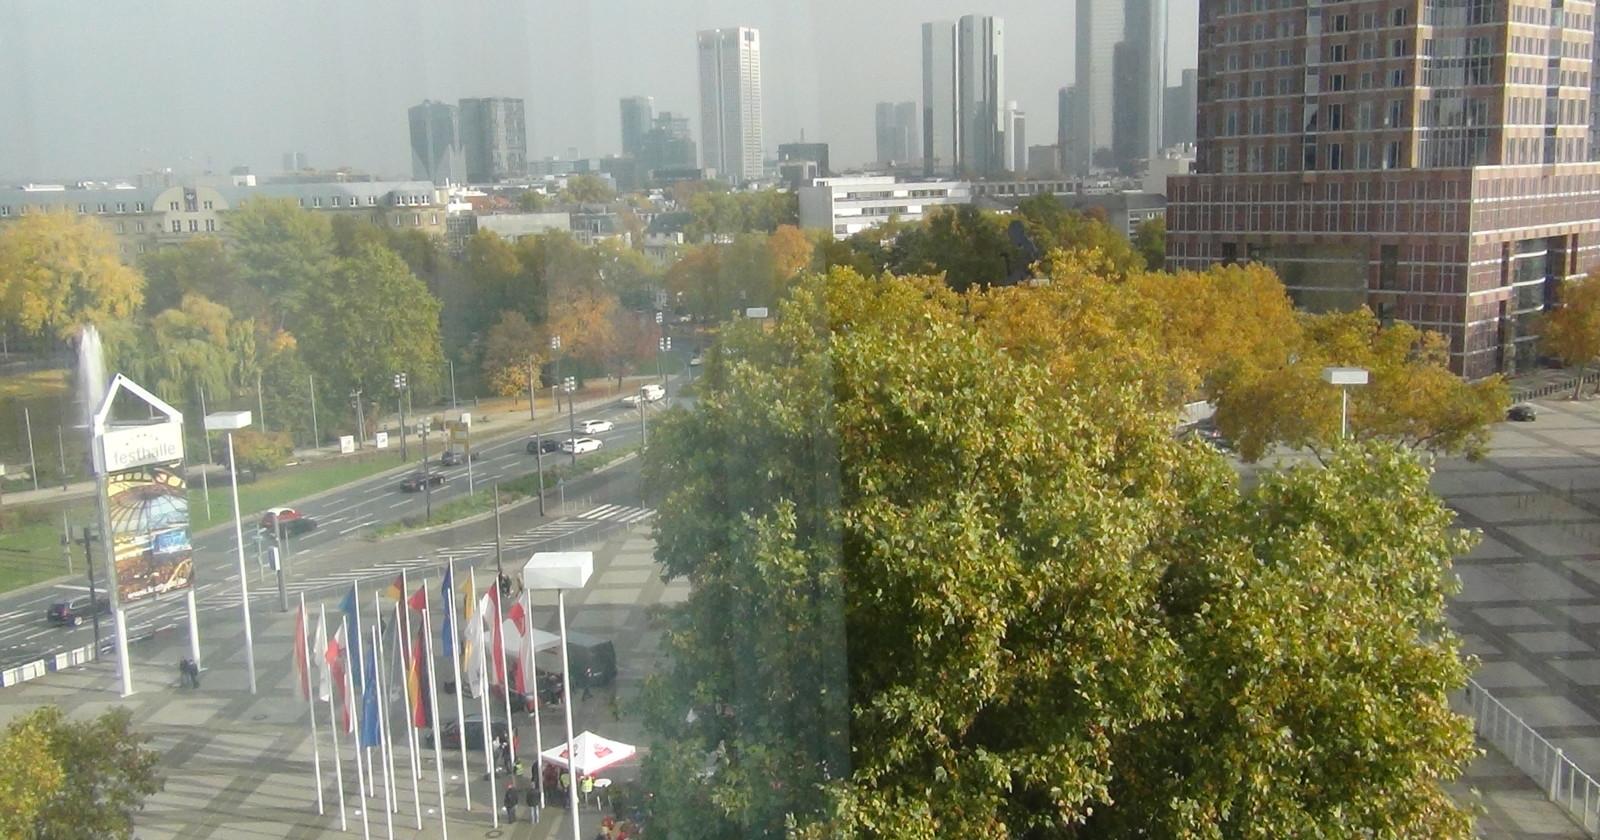 +++ Frankfurt live 12:50 Uhr - Vor dem Verhandlungslokal steht schon die Bühne +++